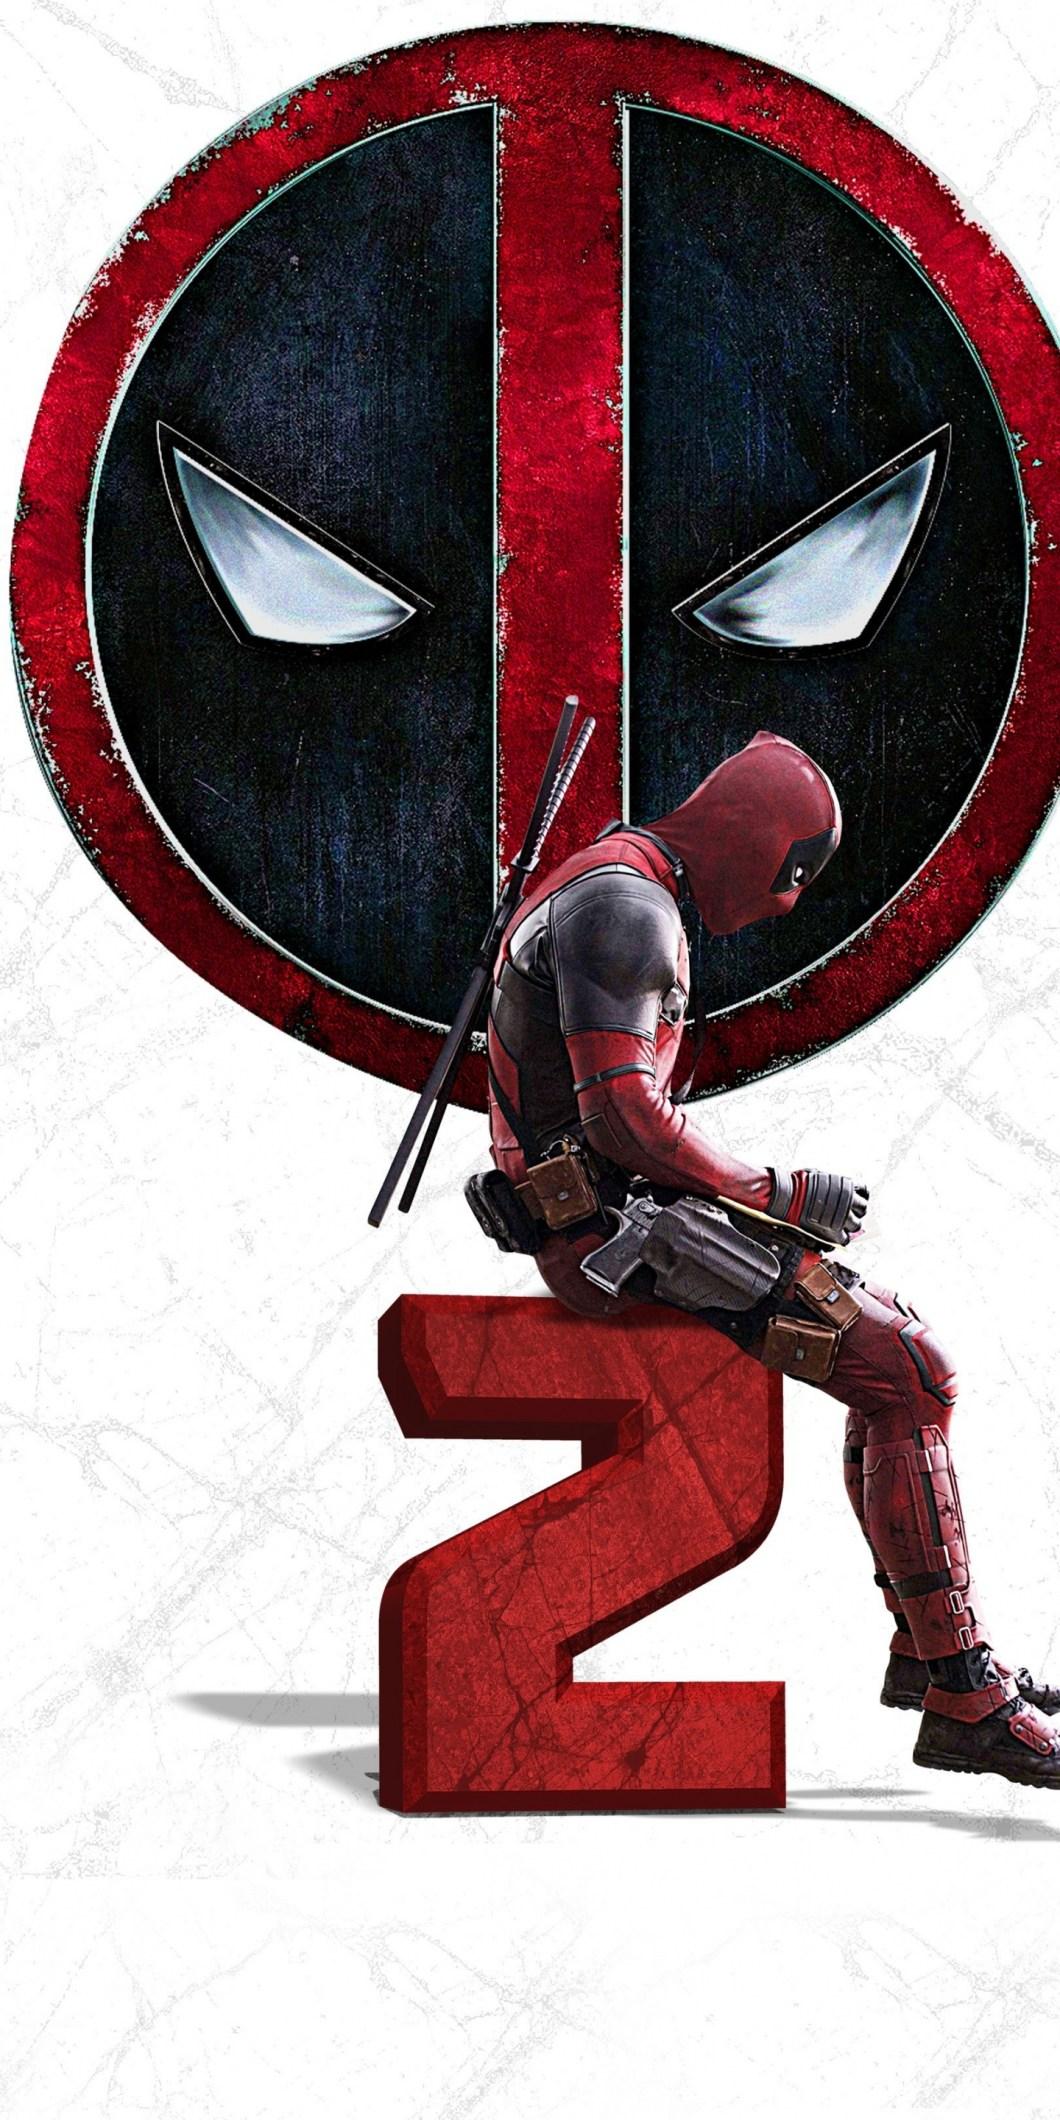 Deadpool Wallpaper 4k Iphone X Walljdi Org